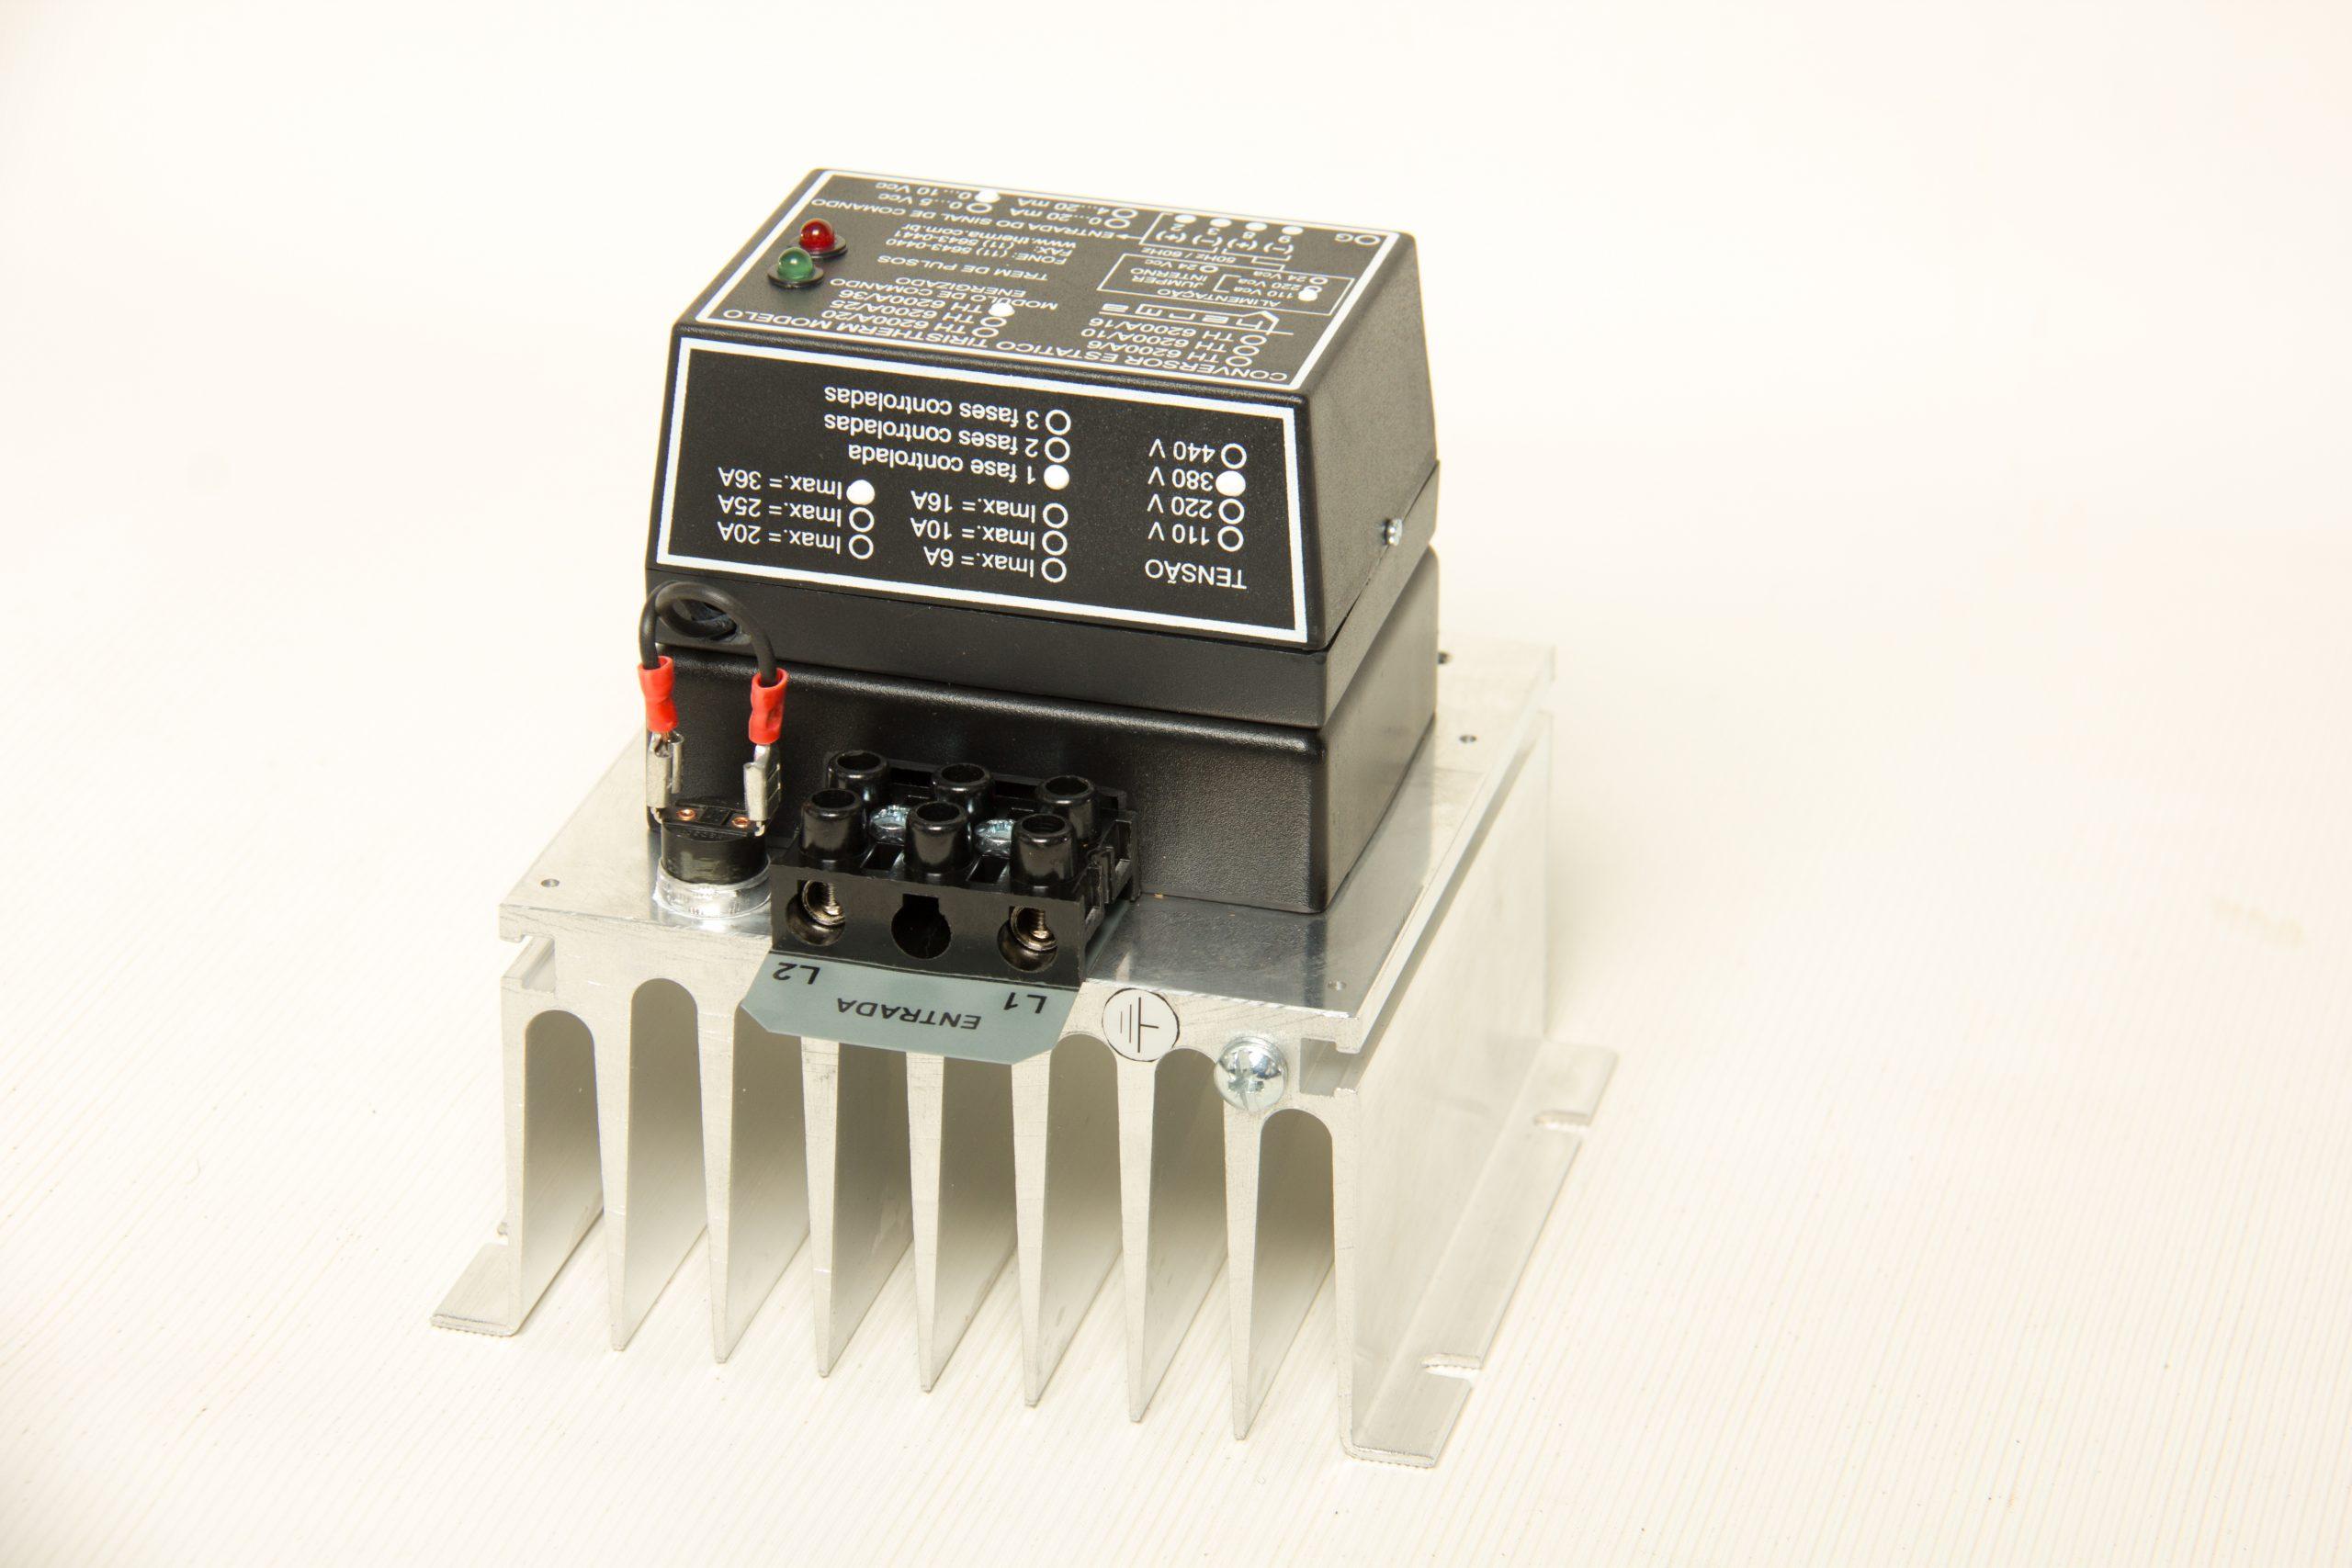 Controlador de potência TH 6200 Analógico